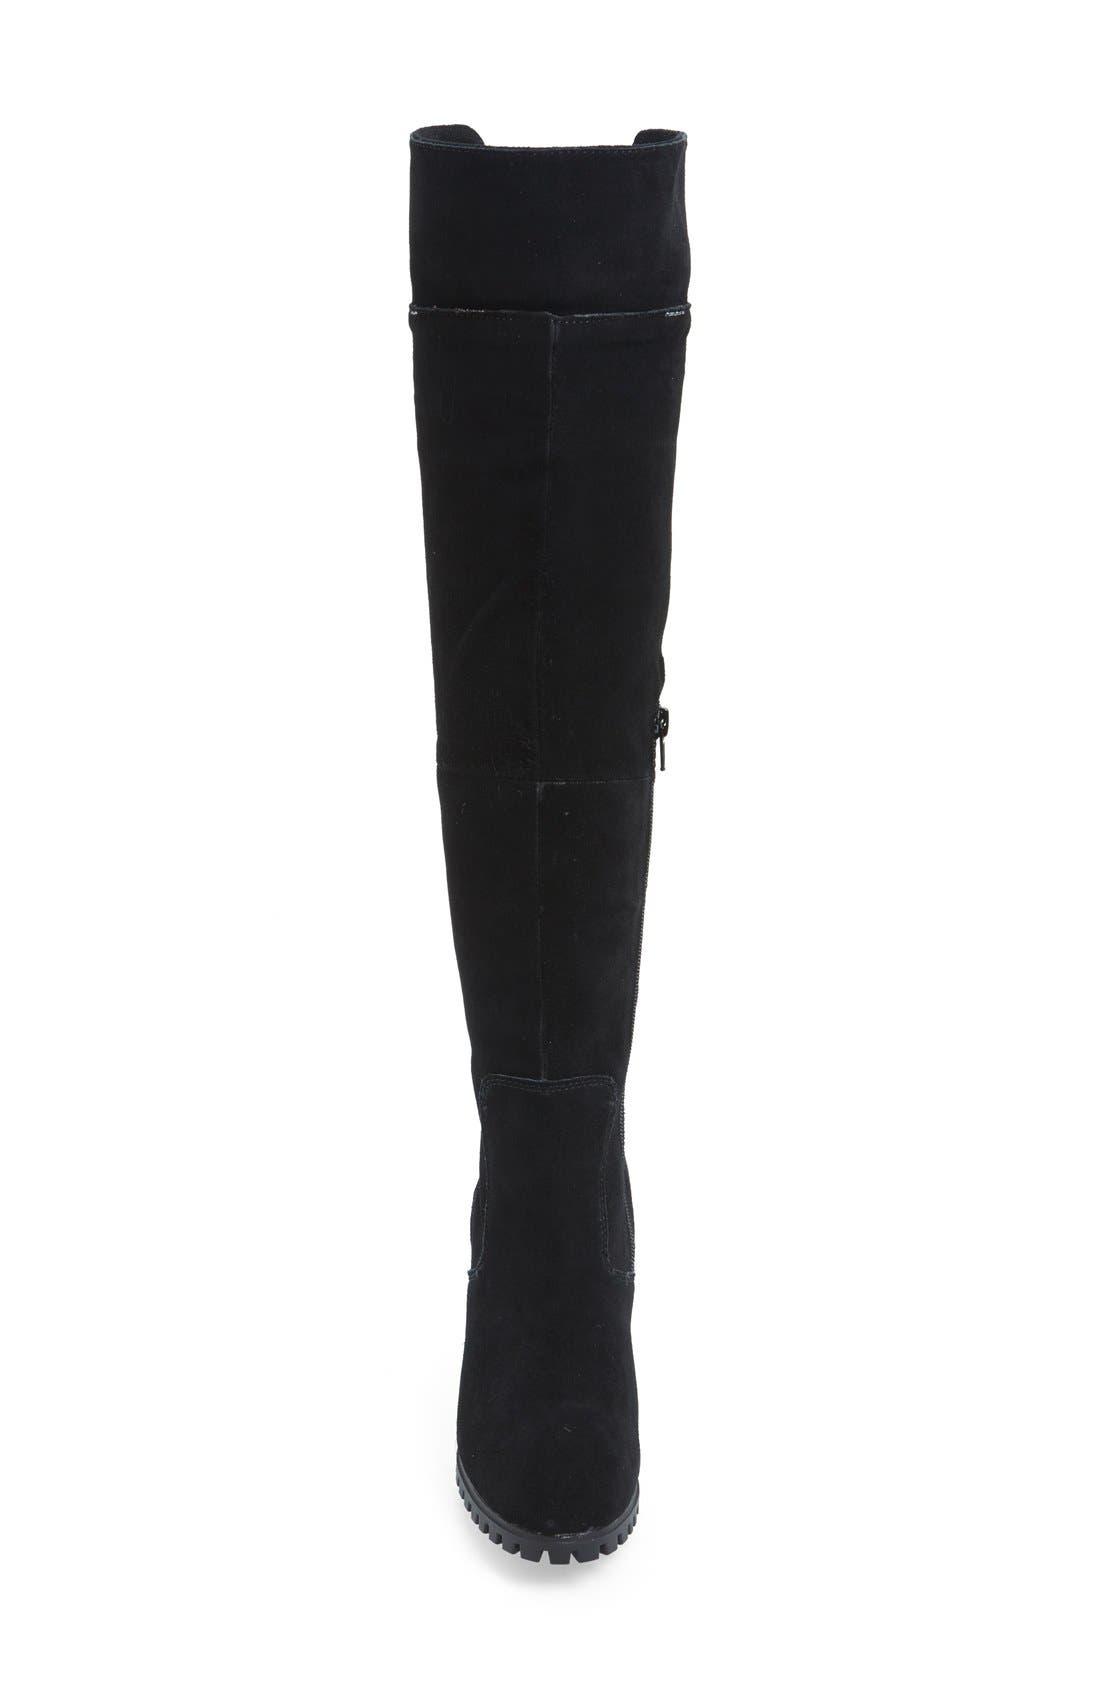 Alternate Image 3  - Steve Madden 'Willful' Tall Wedge Boot (Women)